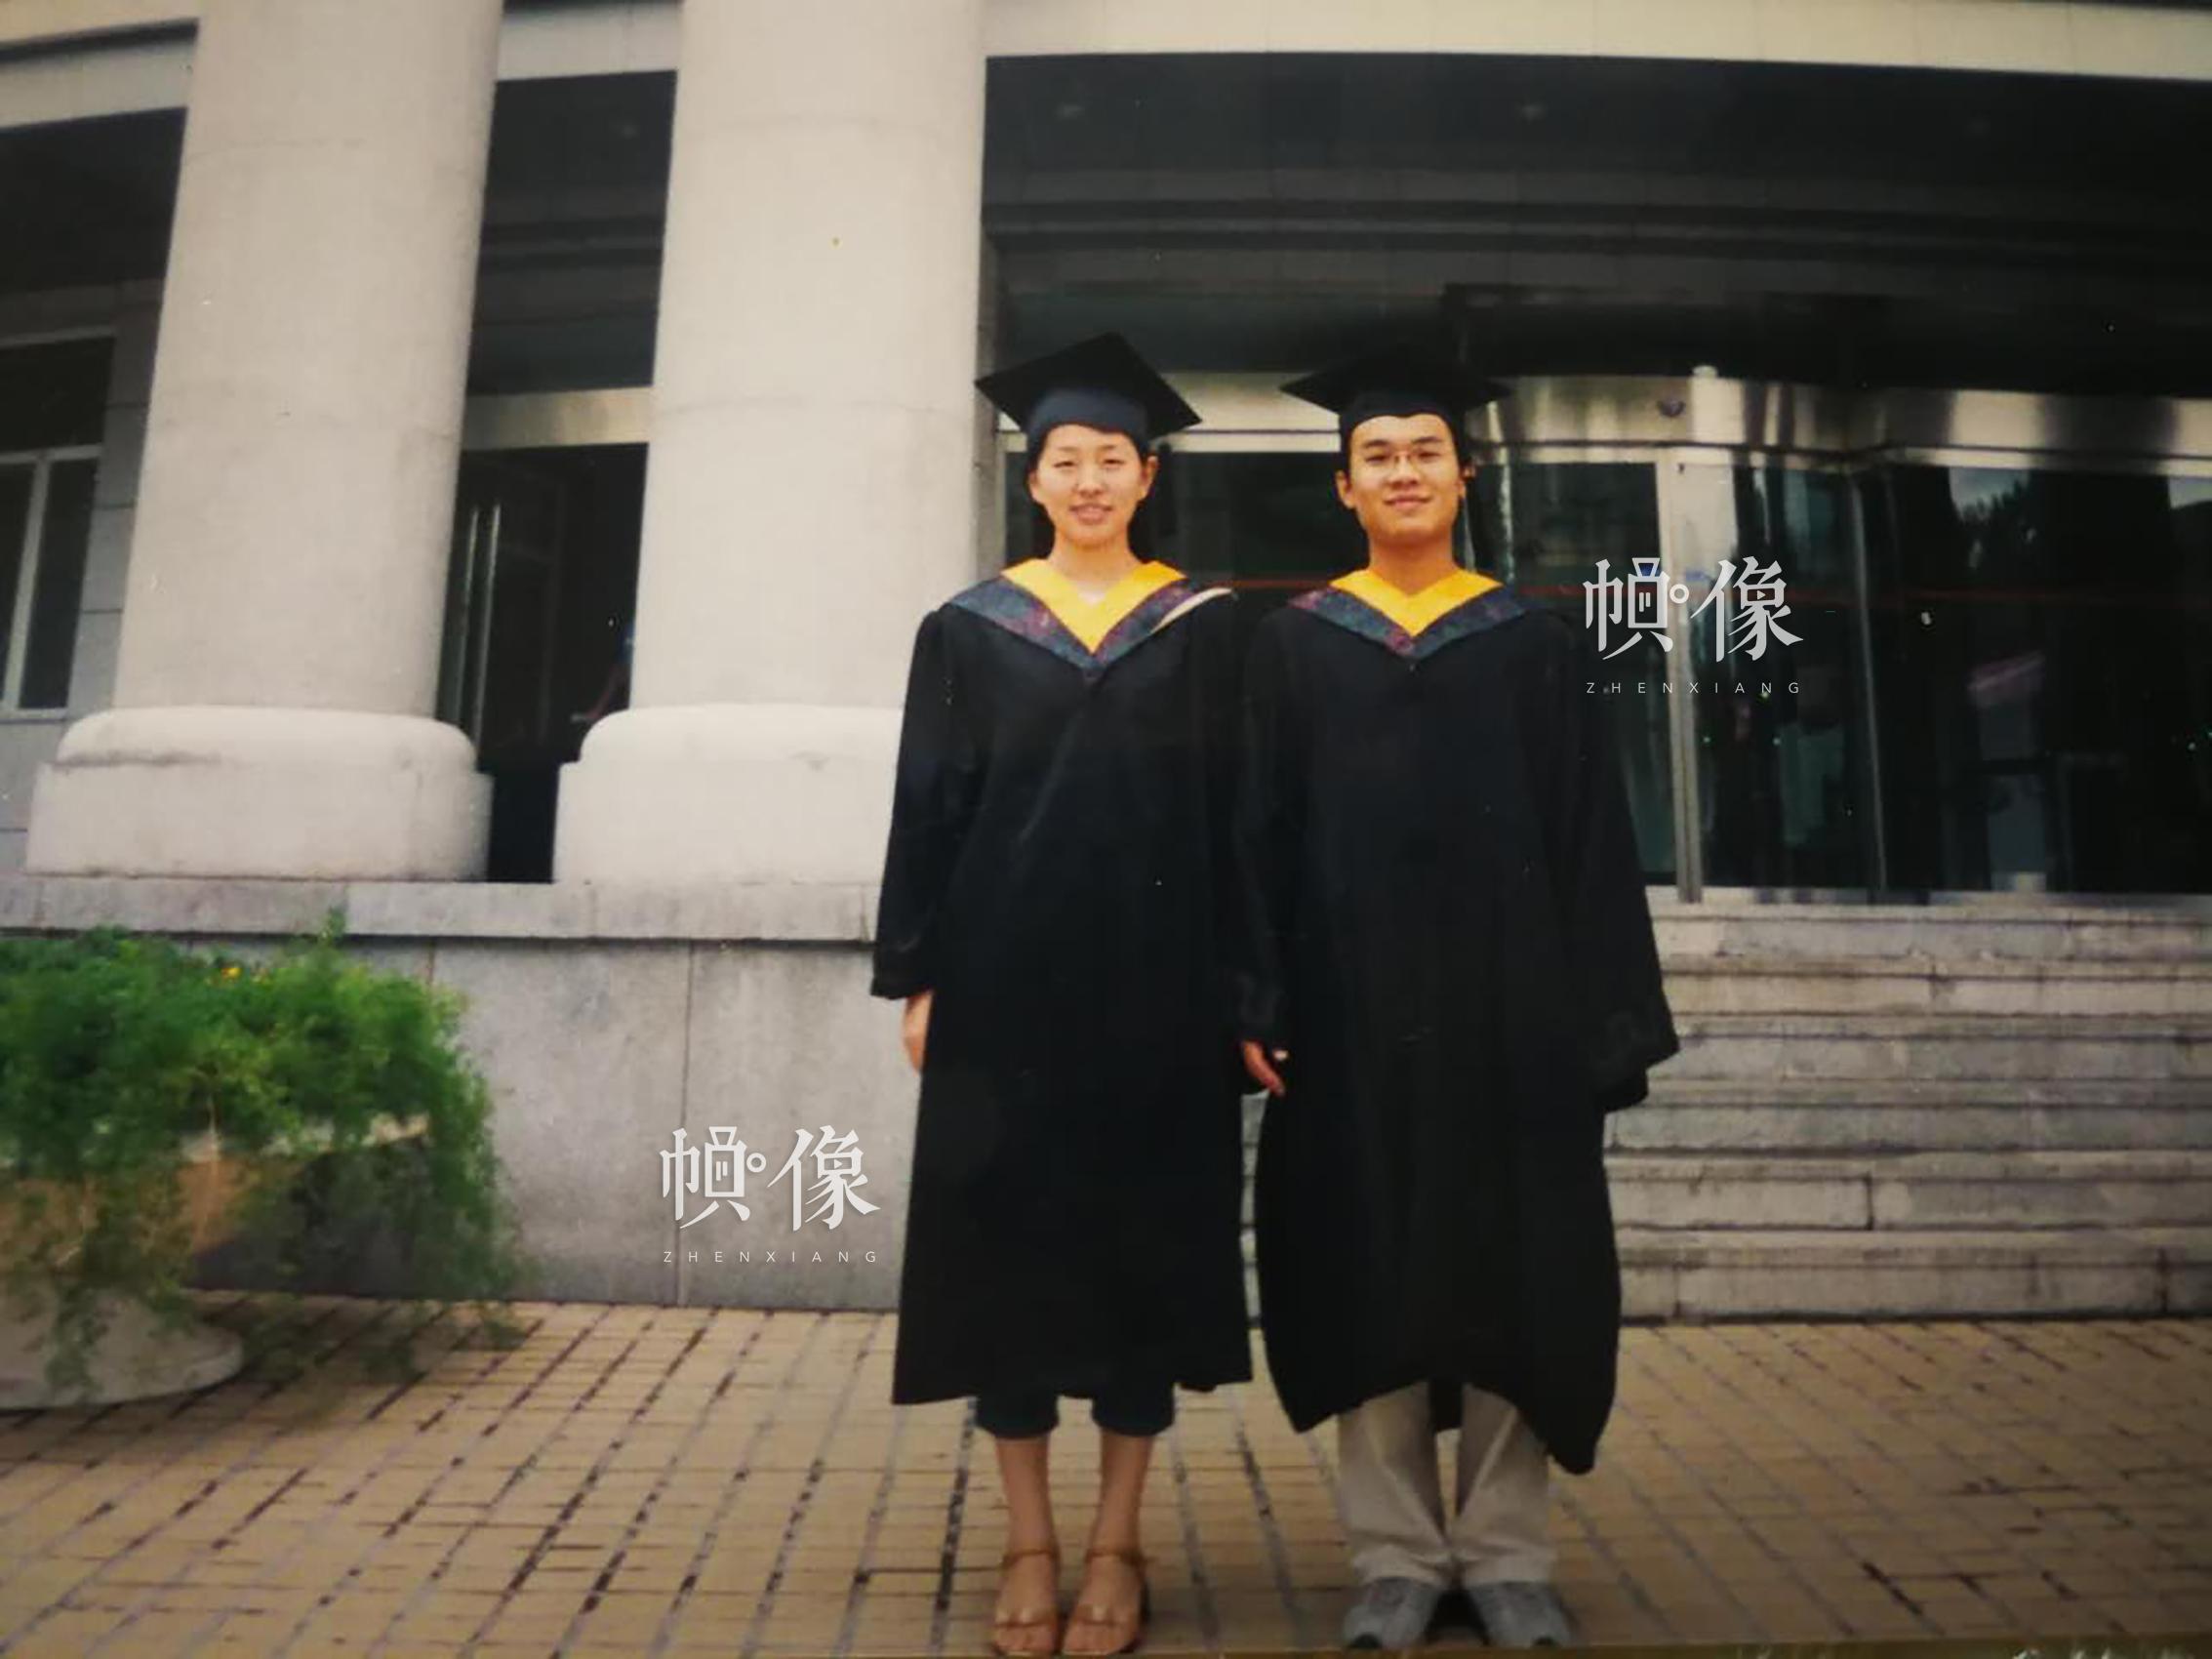 2004年,朱廷方(右)毕业于哈尔滨工业大学。